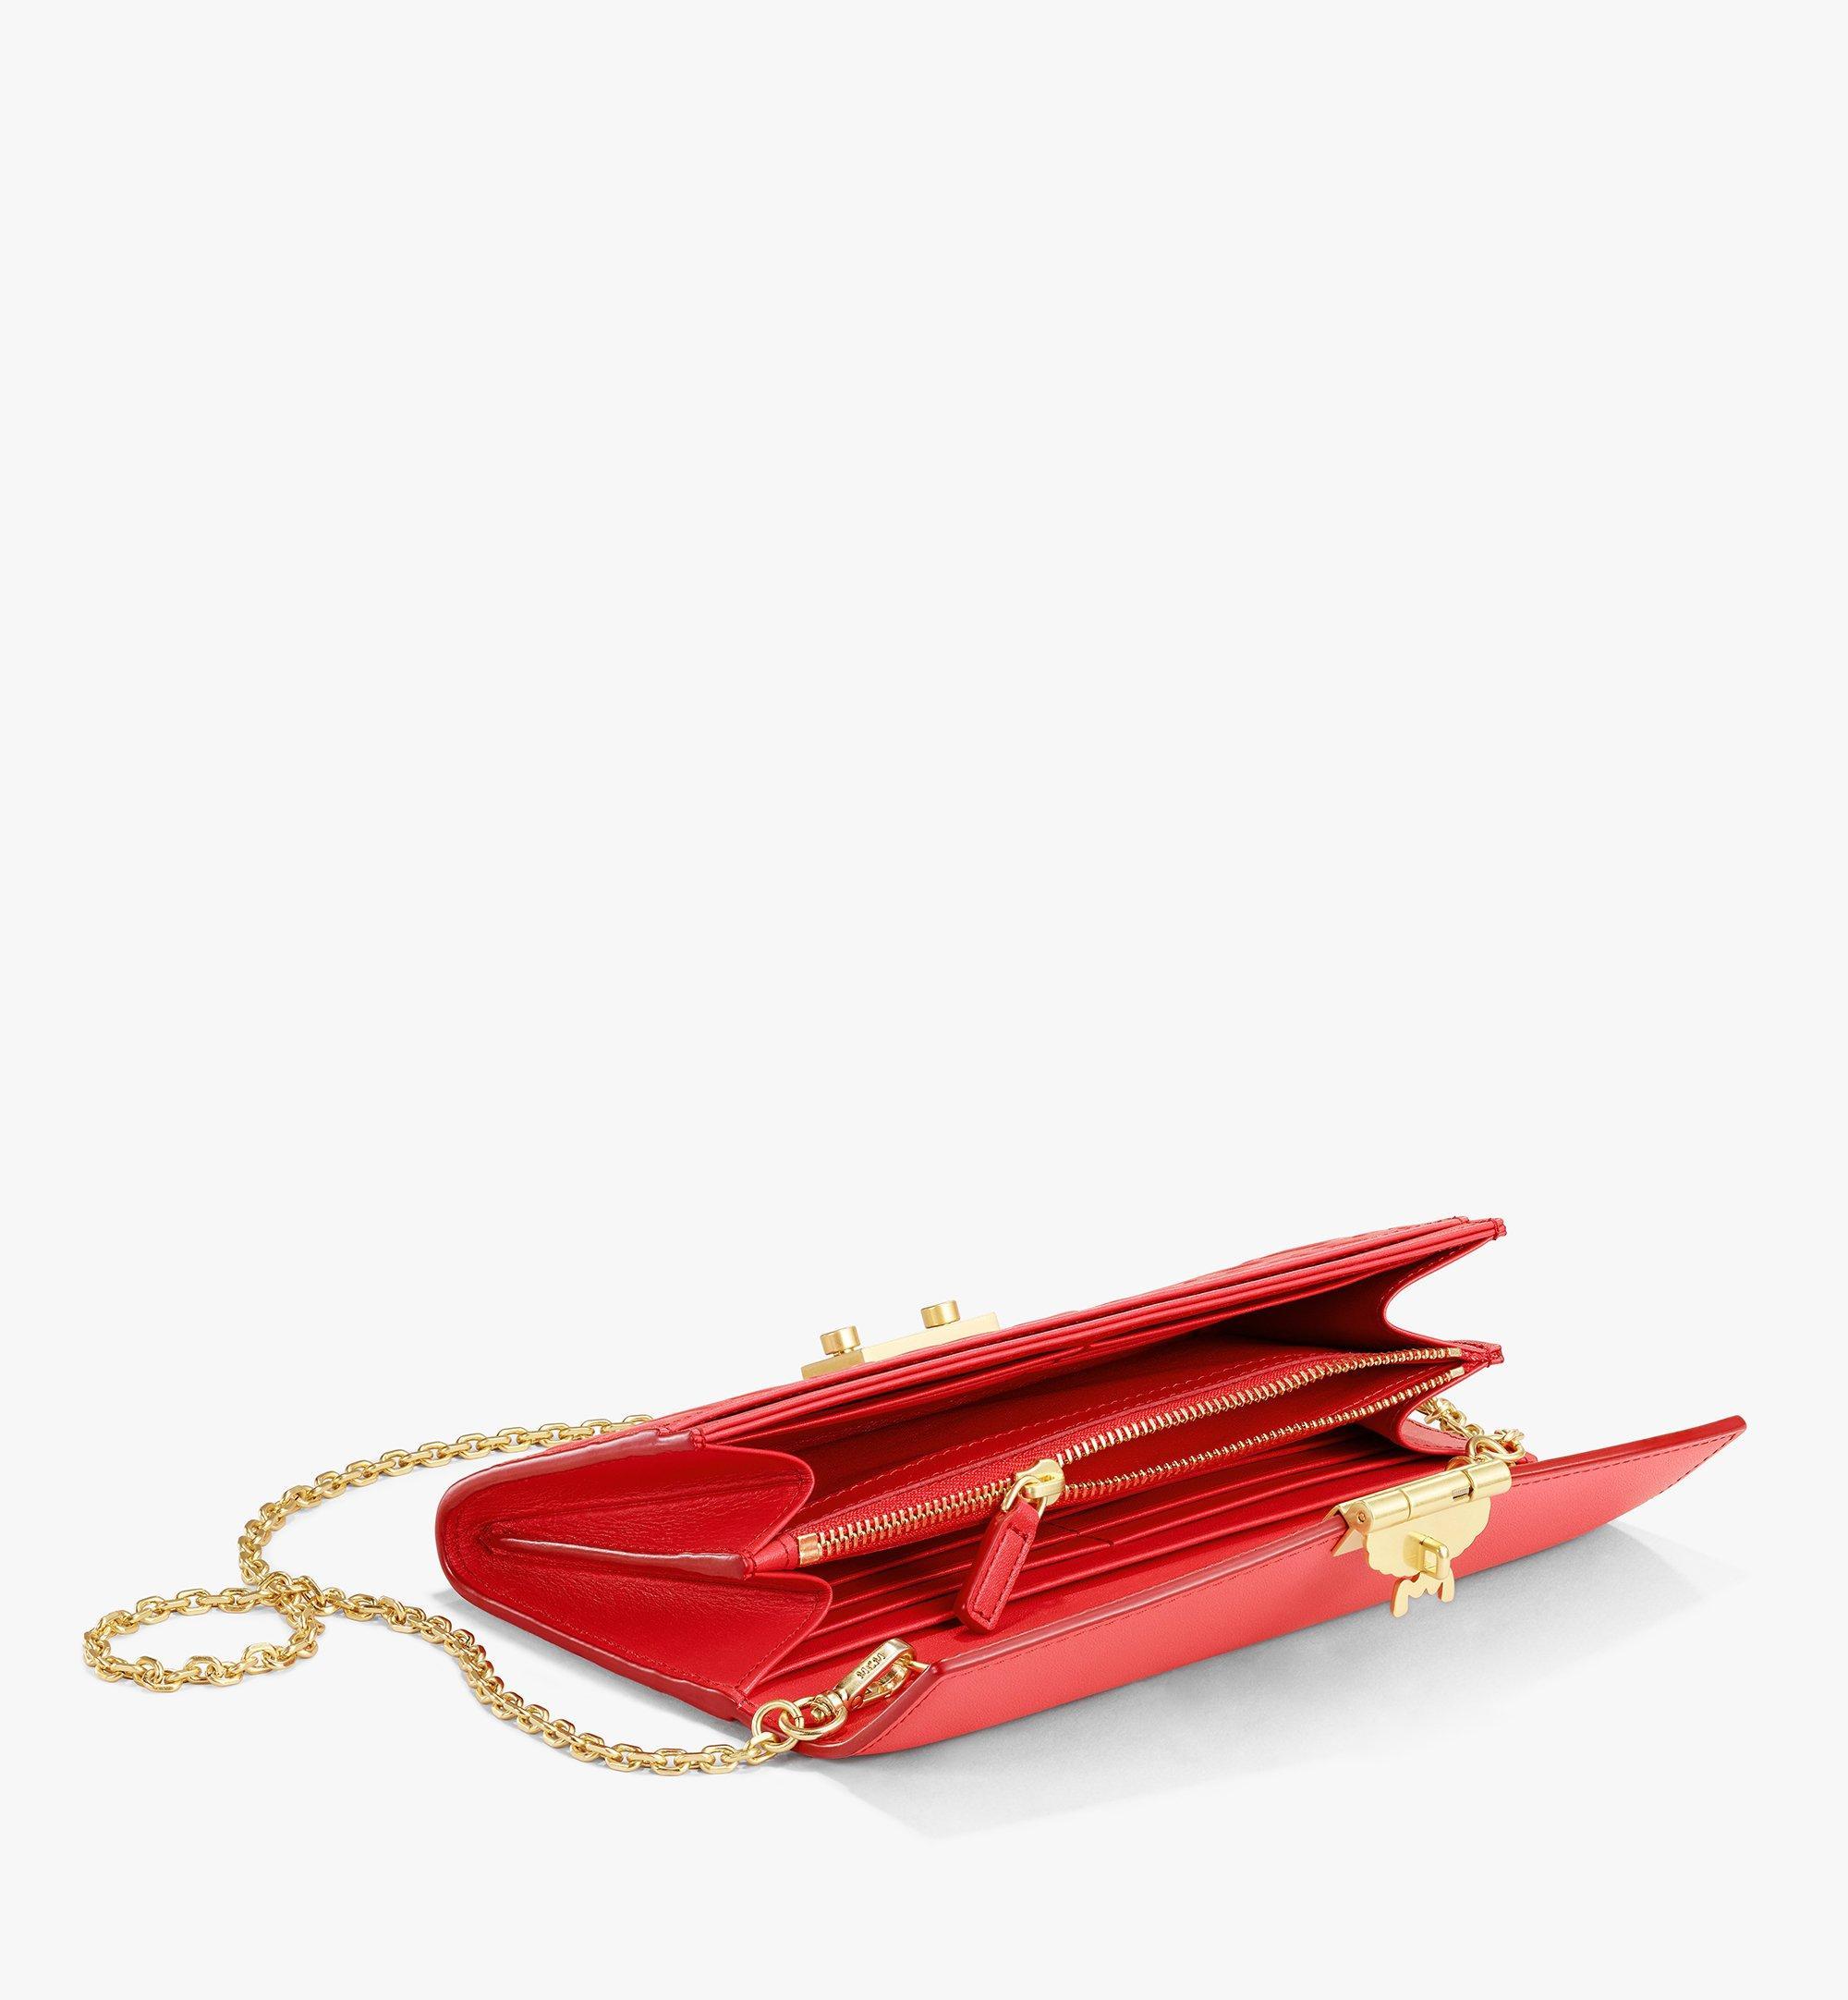 MCM Patricia Crossbody-Brieftasche aus Leder mit MCM-Monogramm Red MYLAAPA05RP001 Noch mehr sehen 1